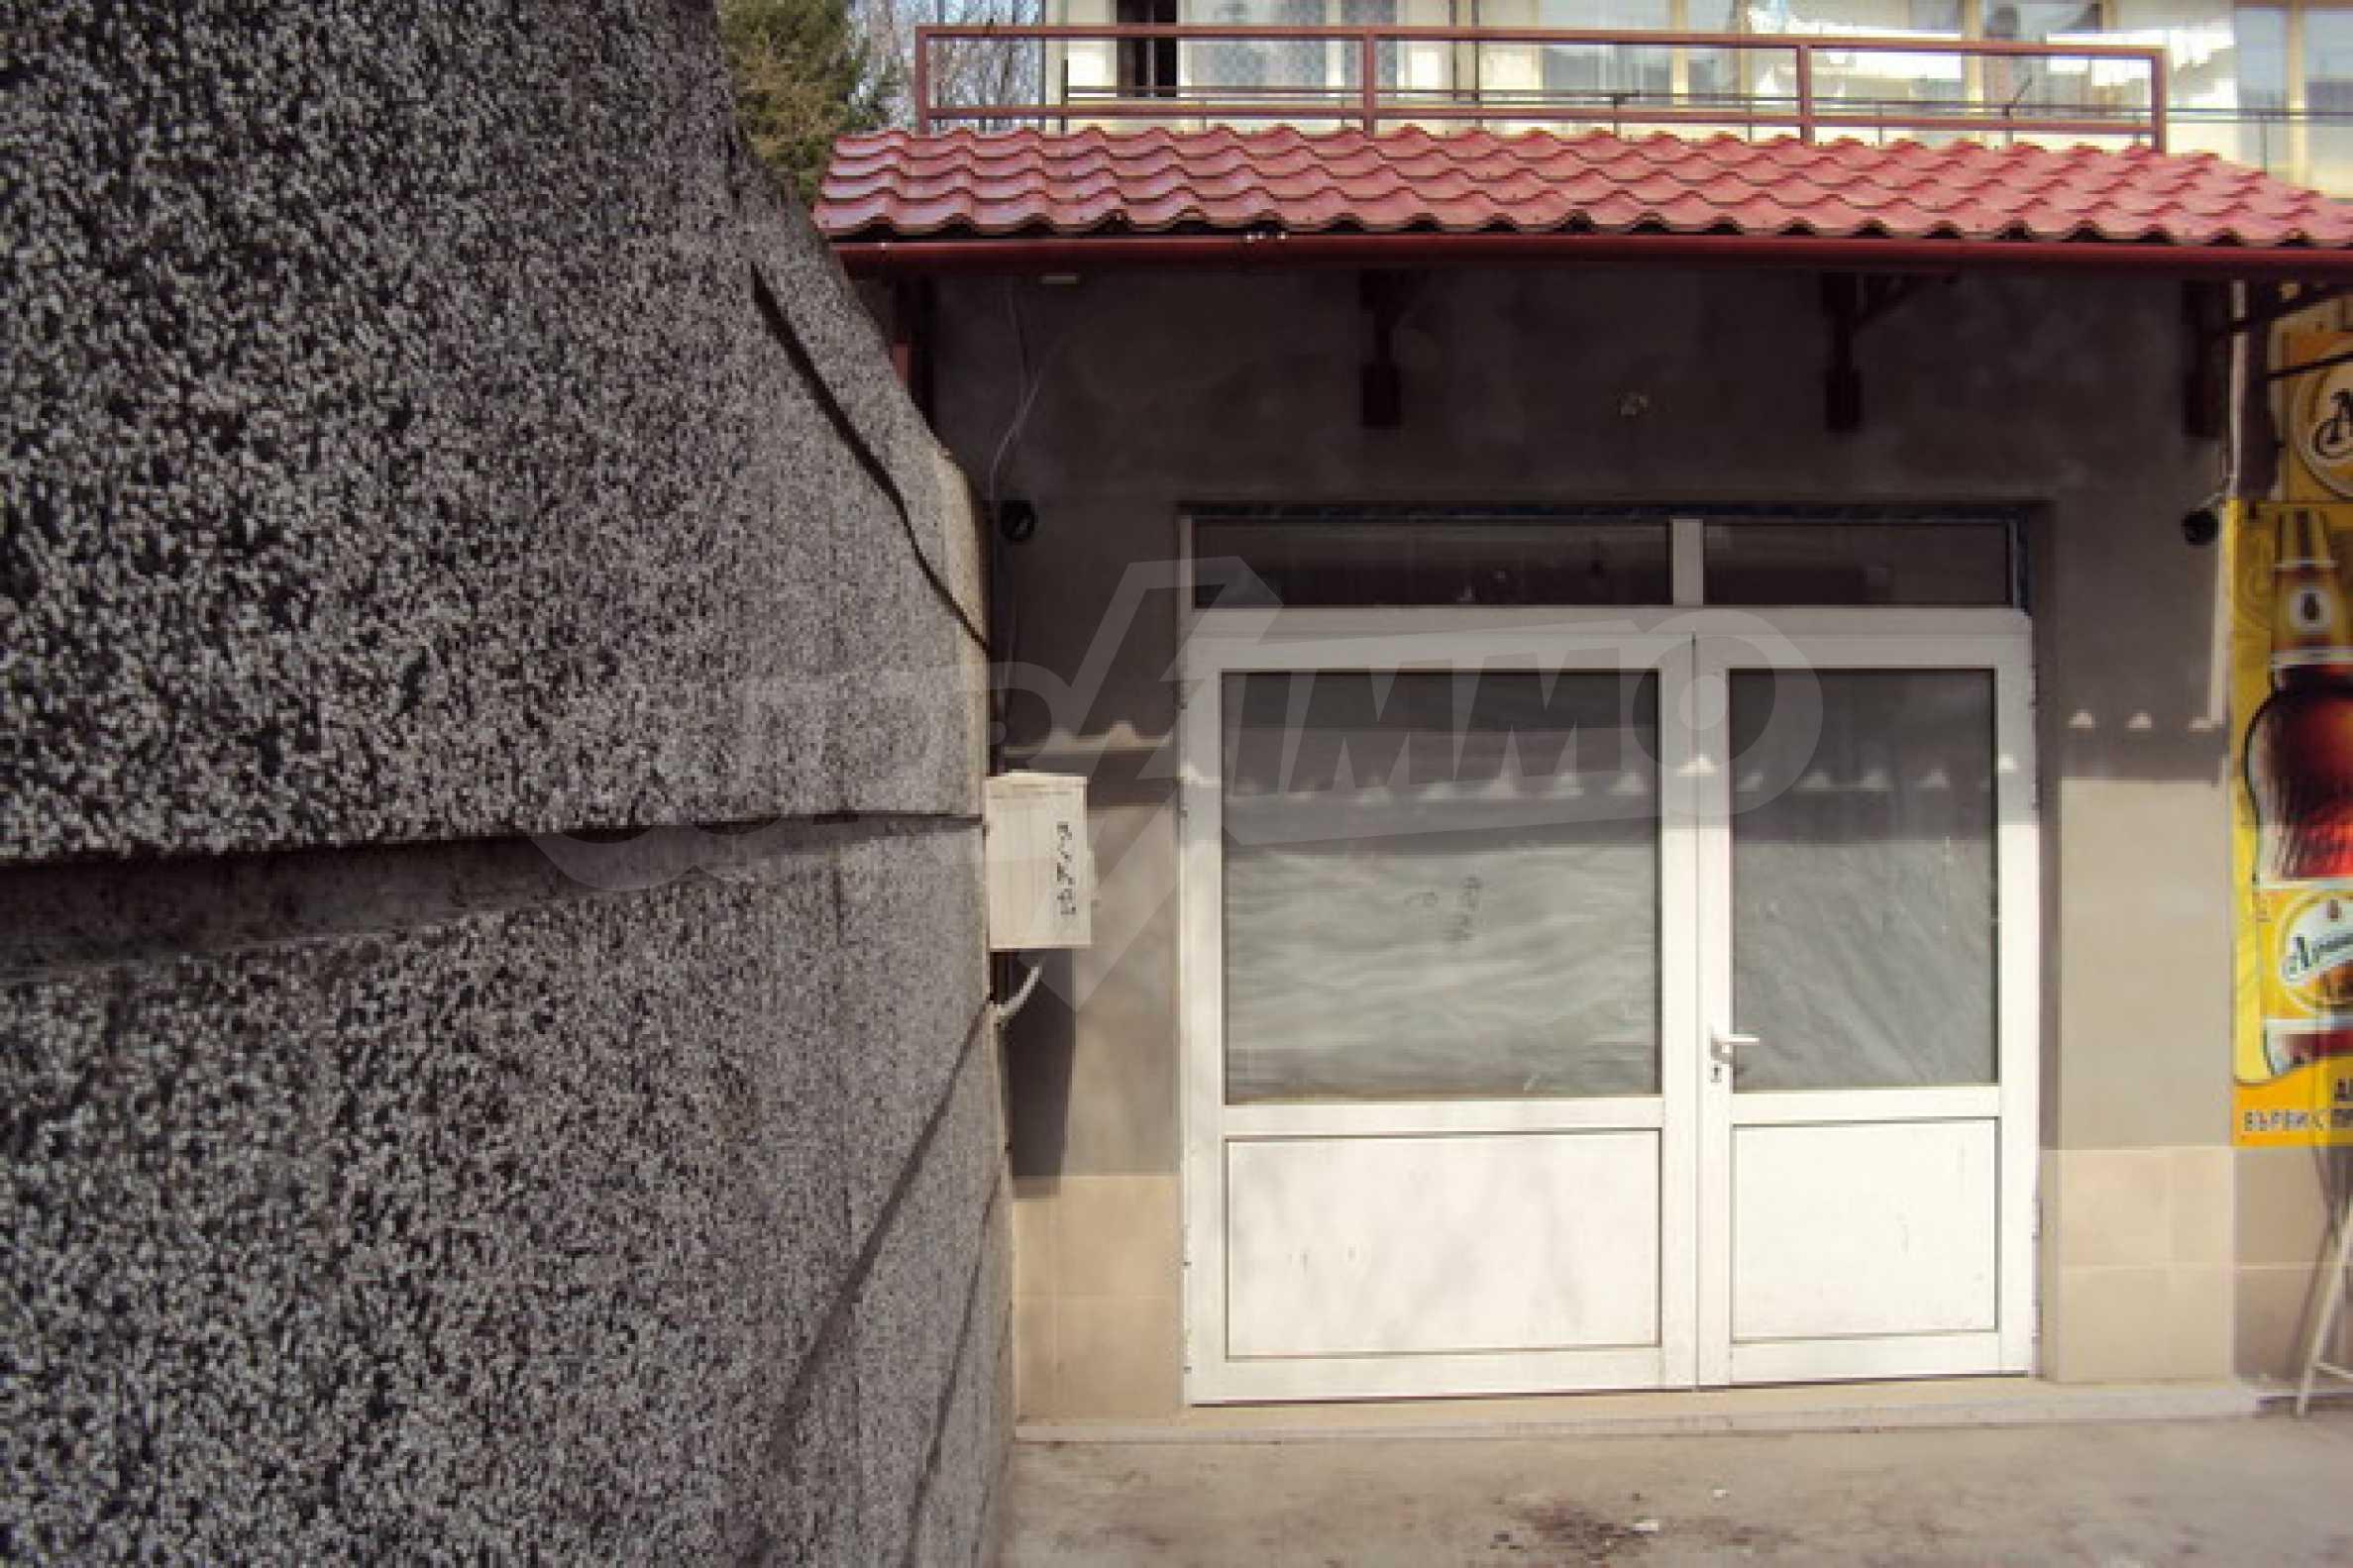 Магазин/офис продается в городе Велико Тырново 15